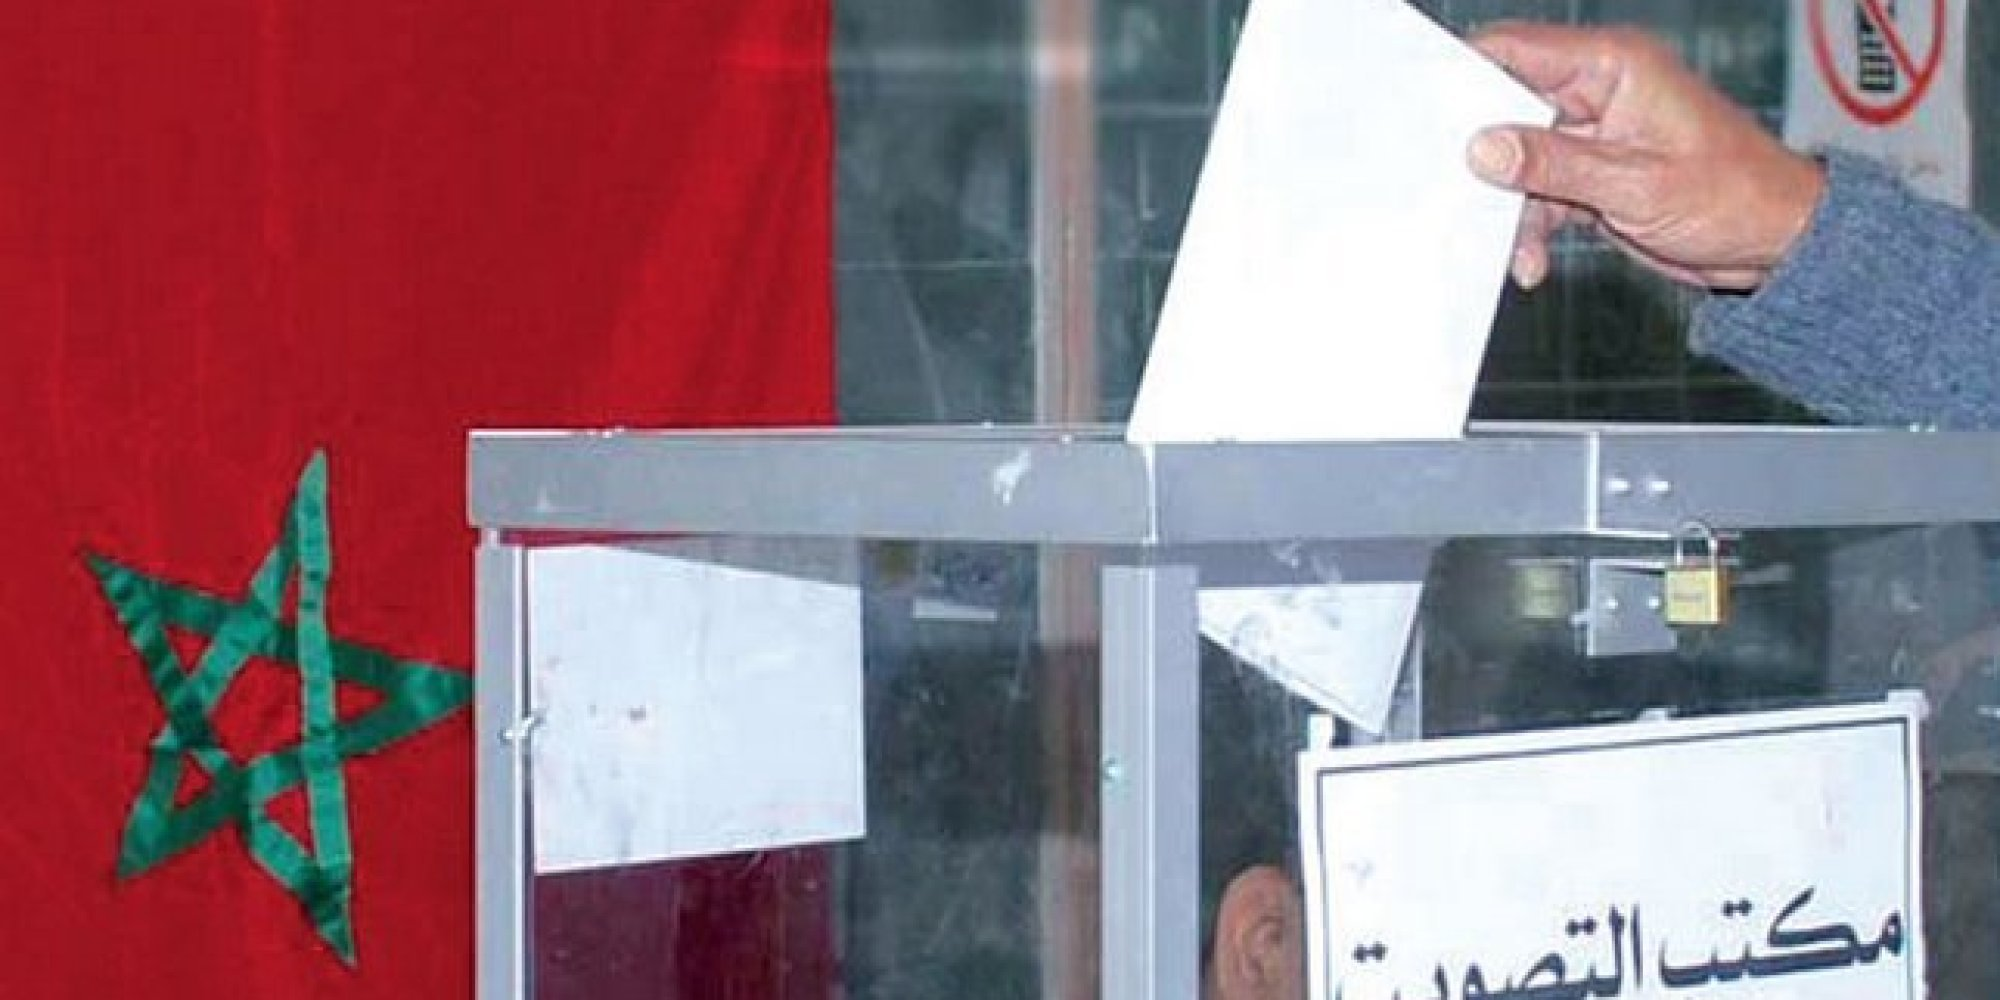 طوزي: المسار الانتخابي المغربي نضج وأصبحت الانتخابات محورية في الحياة السياسية